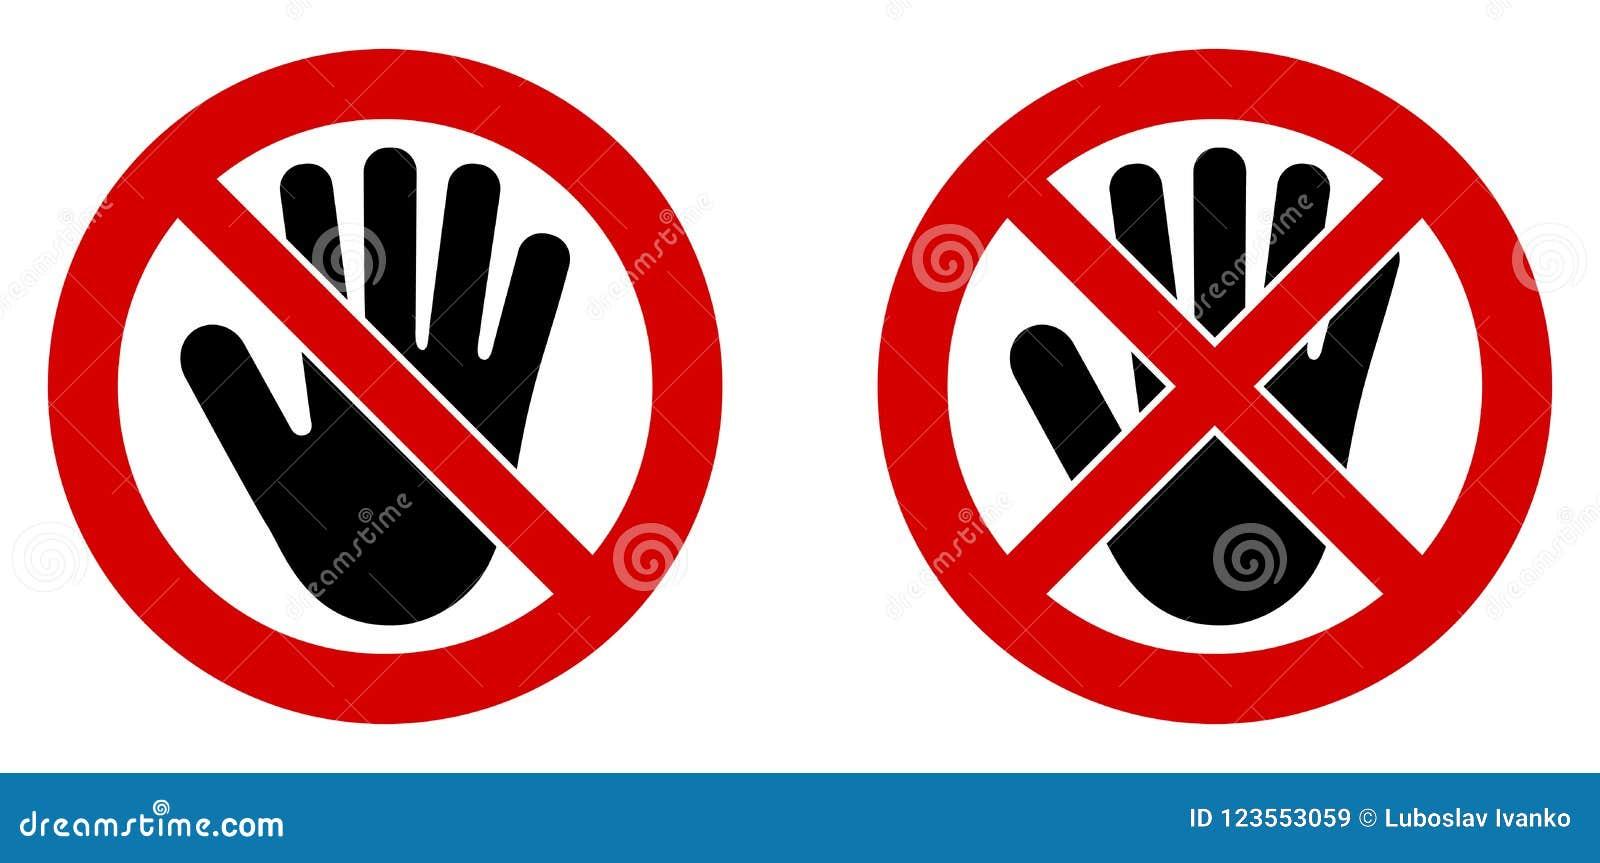 Ningún símbolo de entrada Icono de la mano negra en cruzado y doublecrossed con referencia a